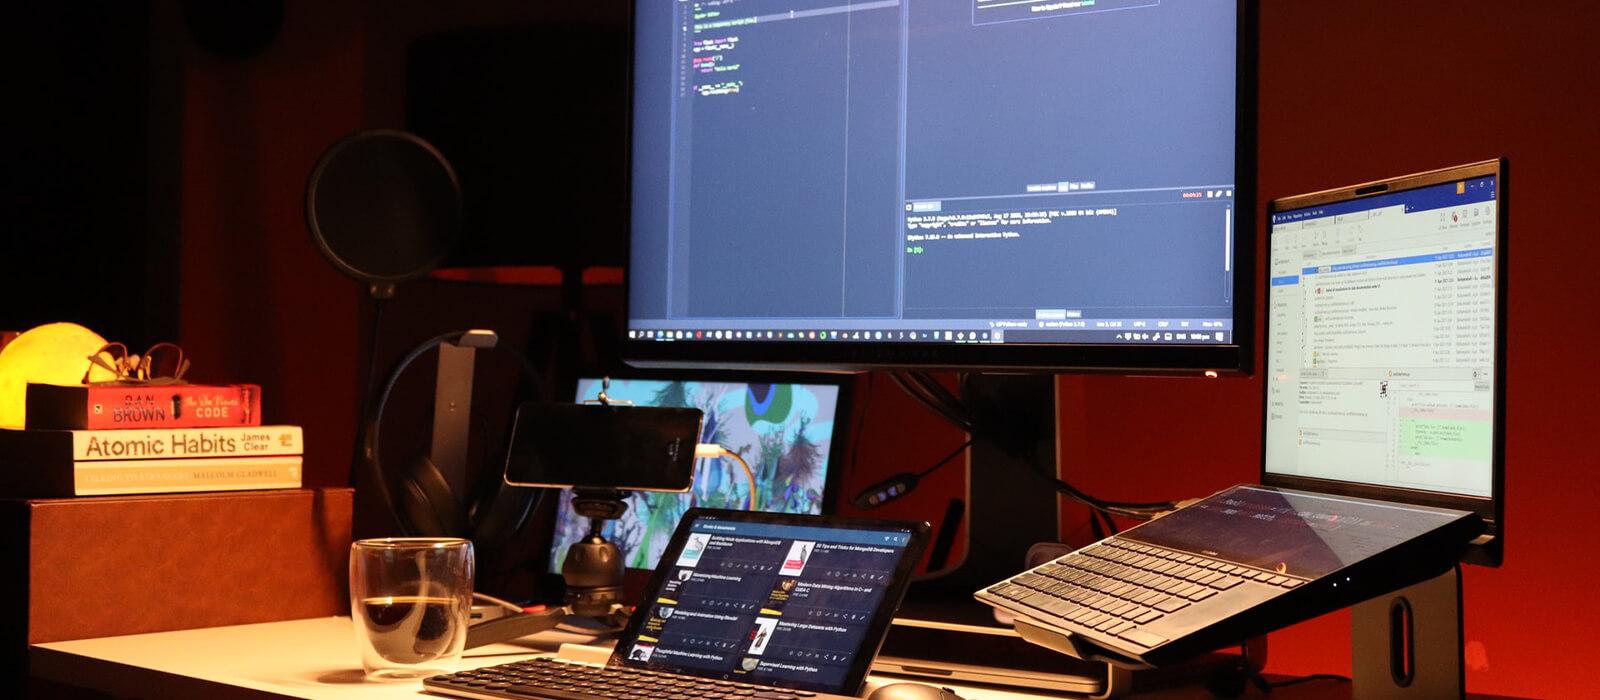 プログラミングを3画面でしている画像